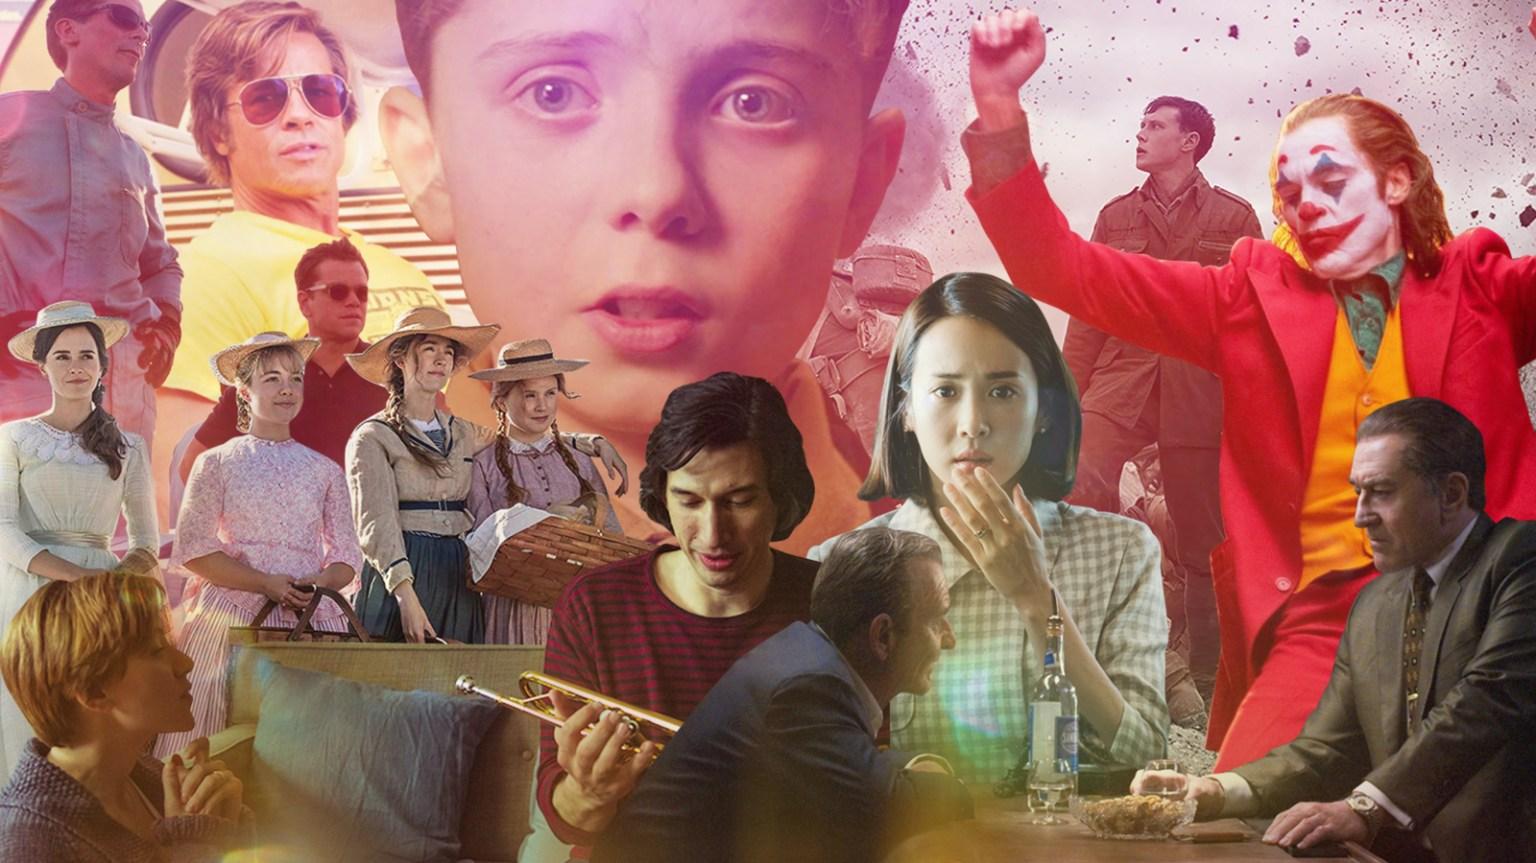 Oscars winners 2020: Full list by category